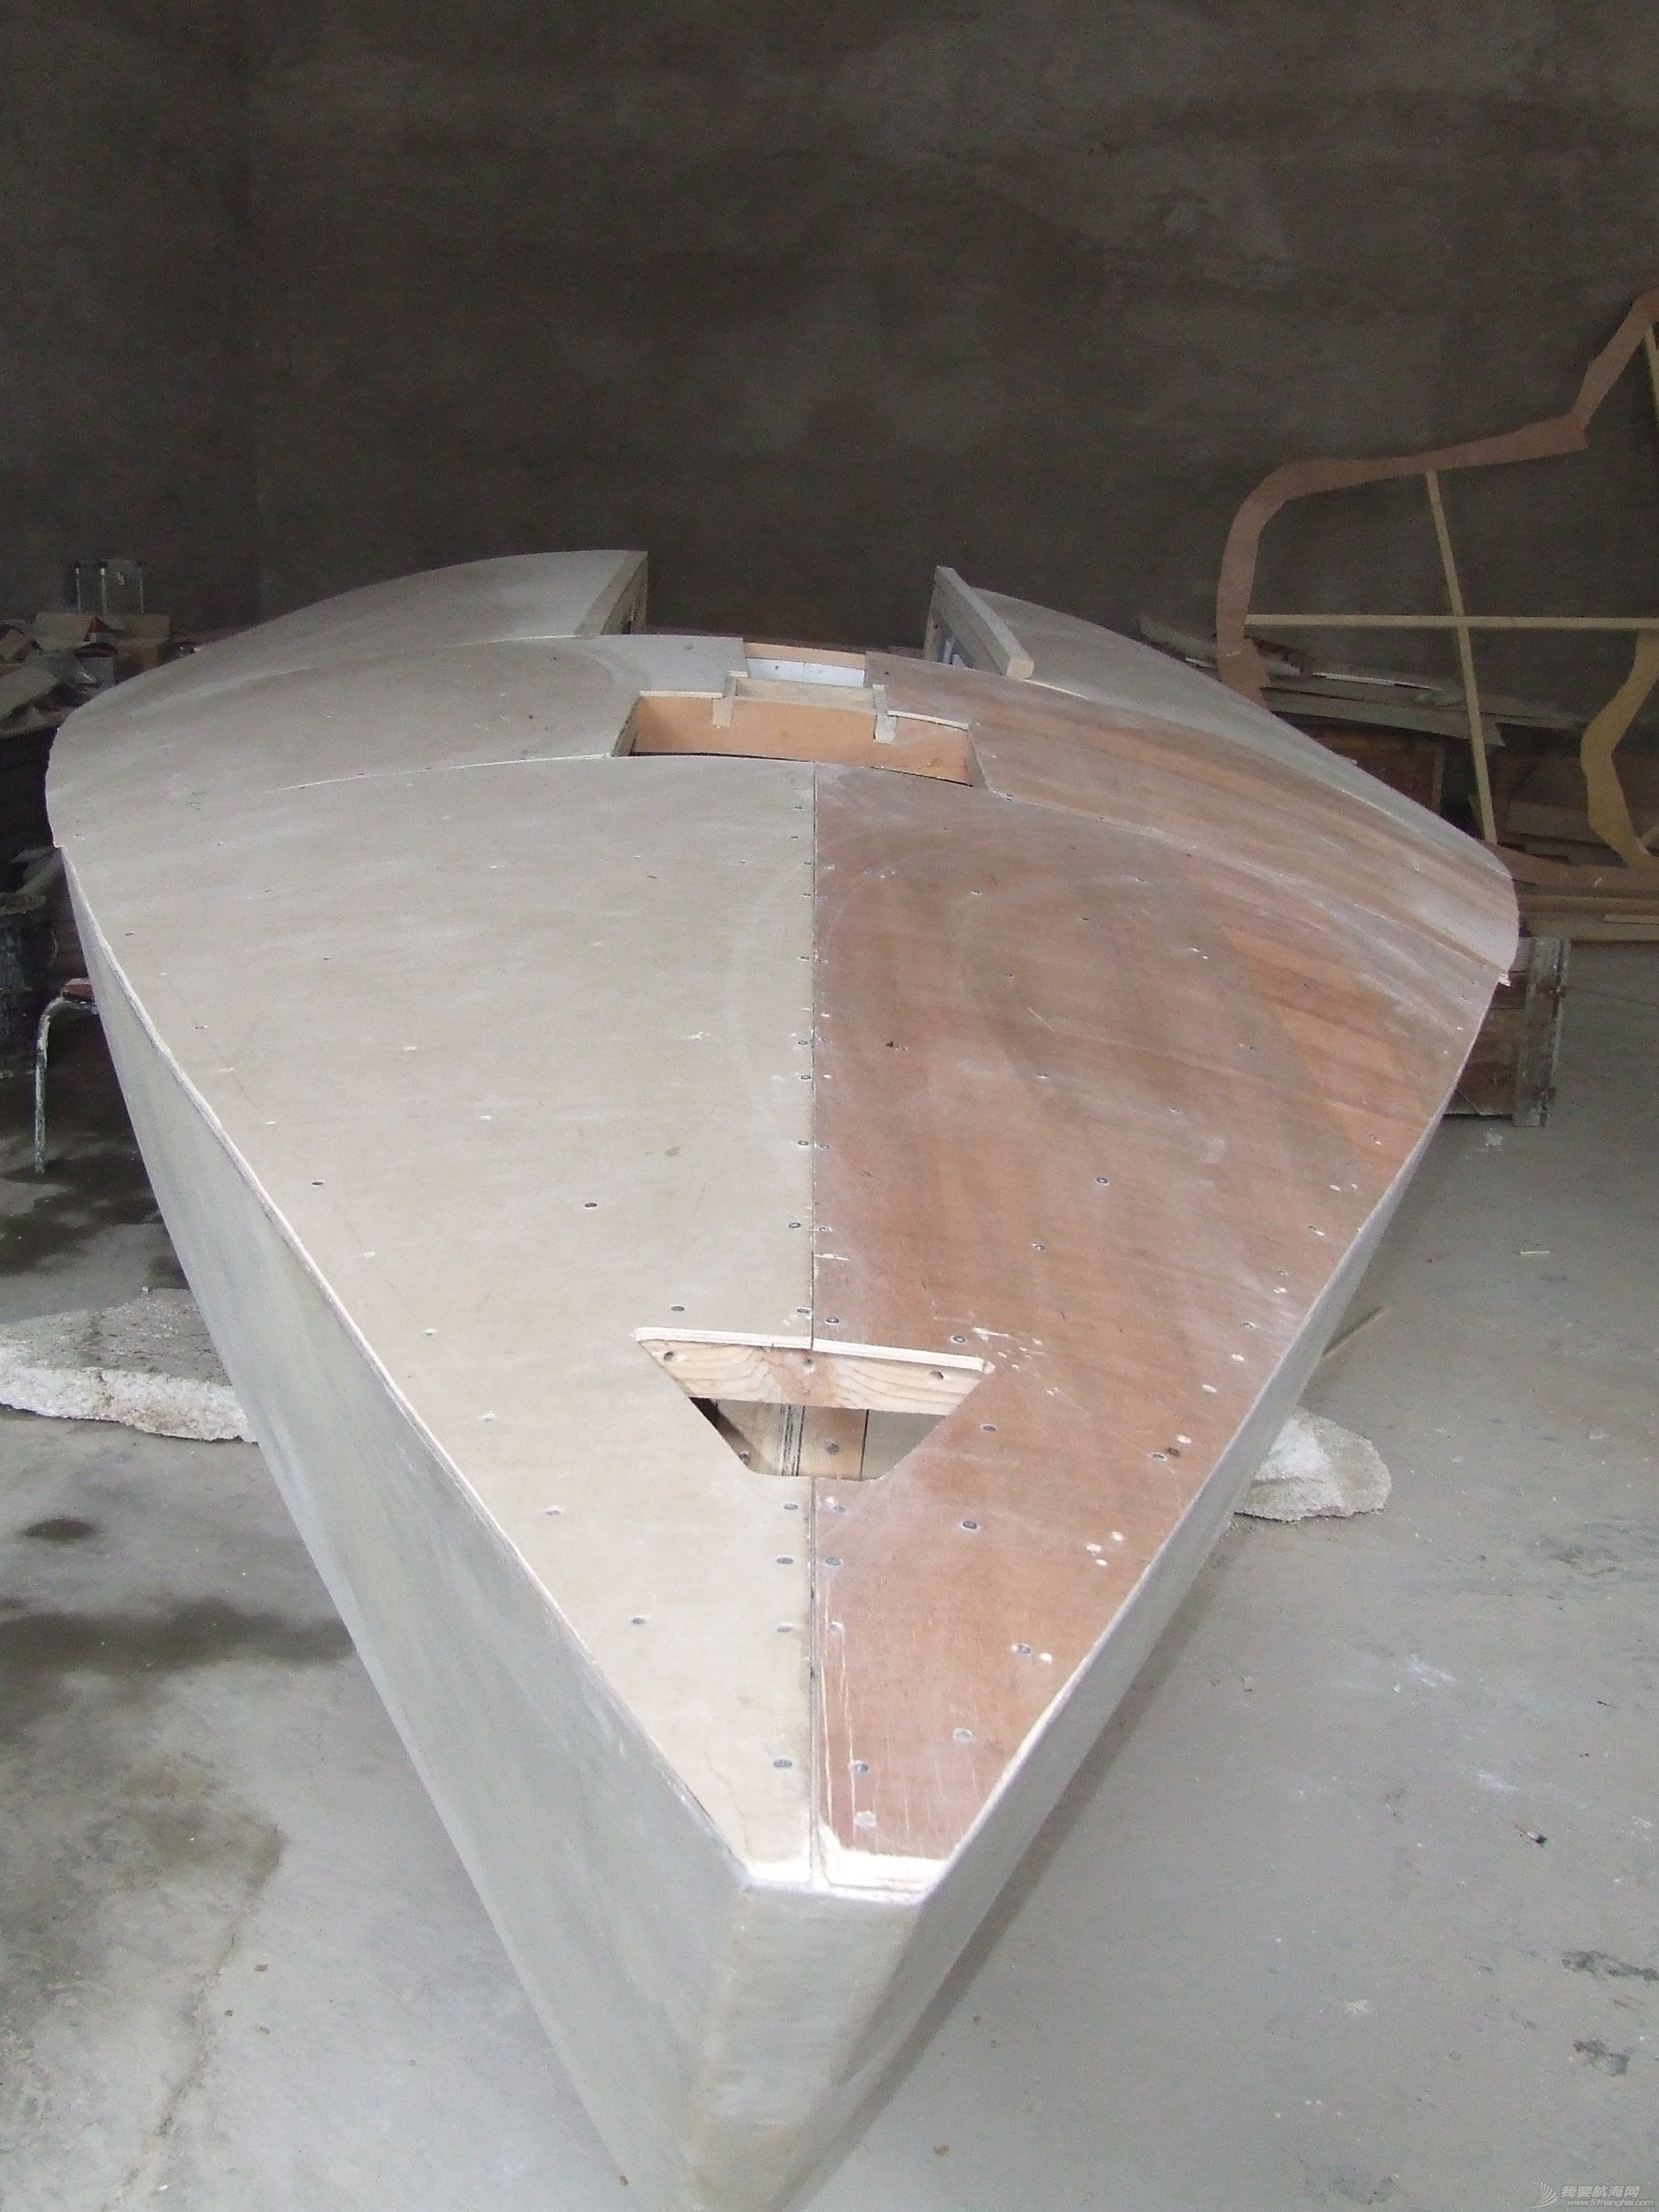 制作 GR-750甲板舱口部分的制作 DSCF6089.JPG